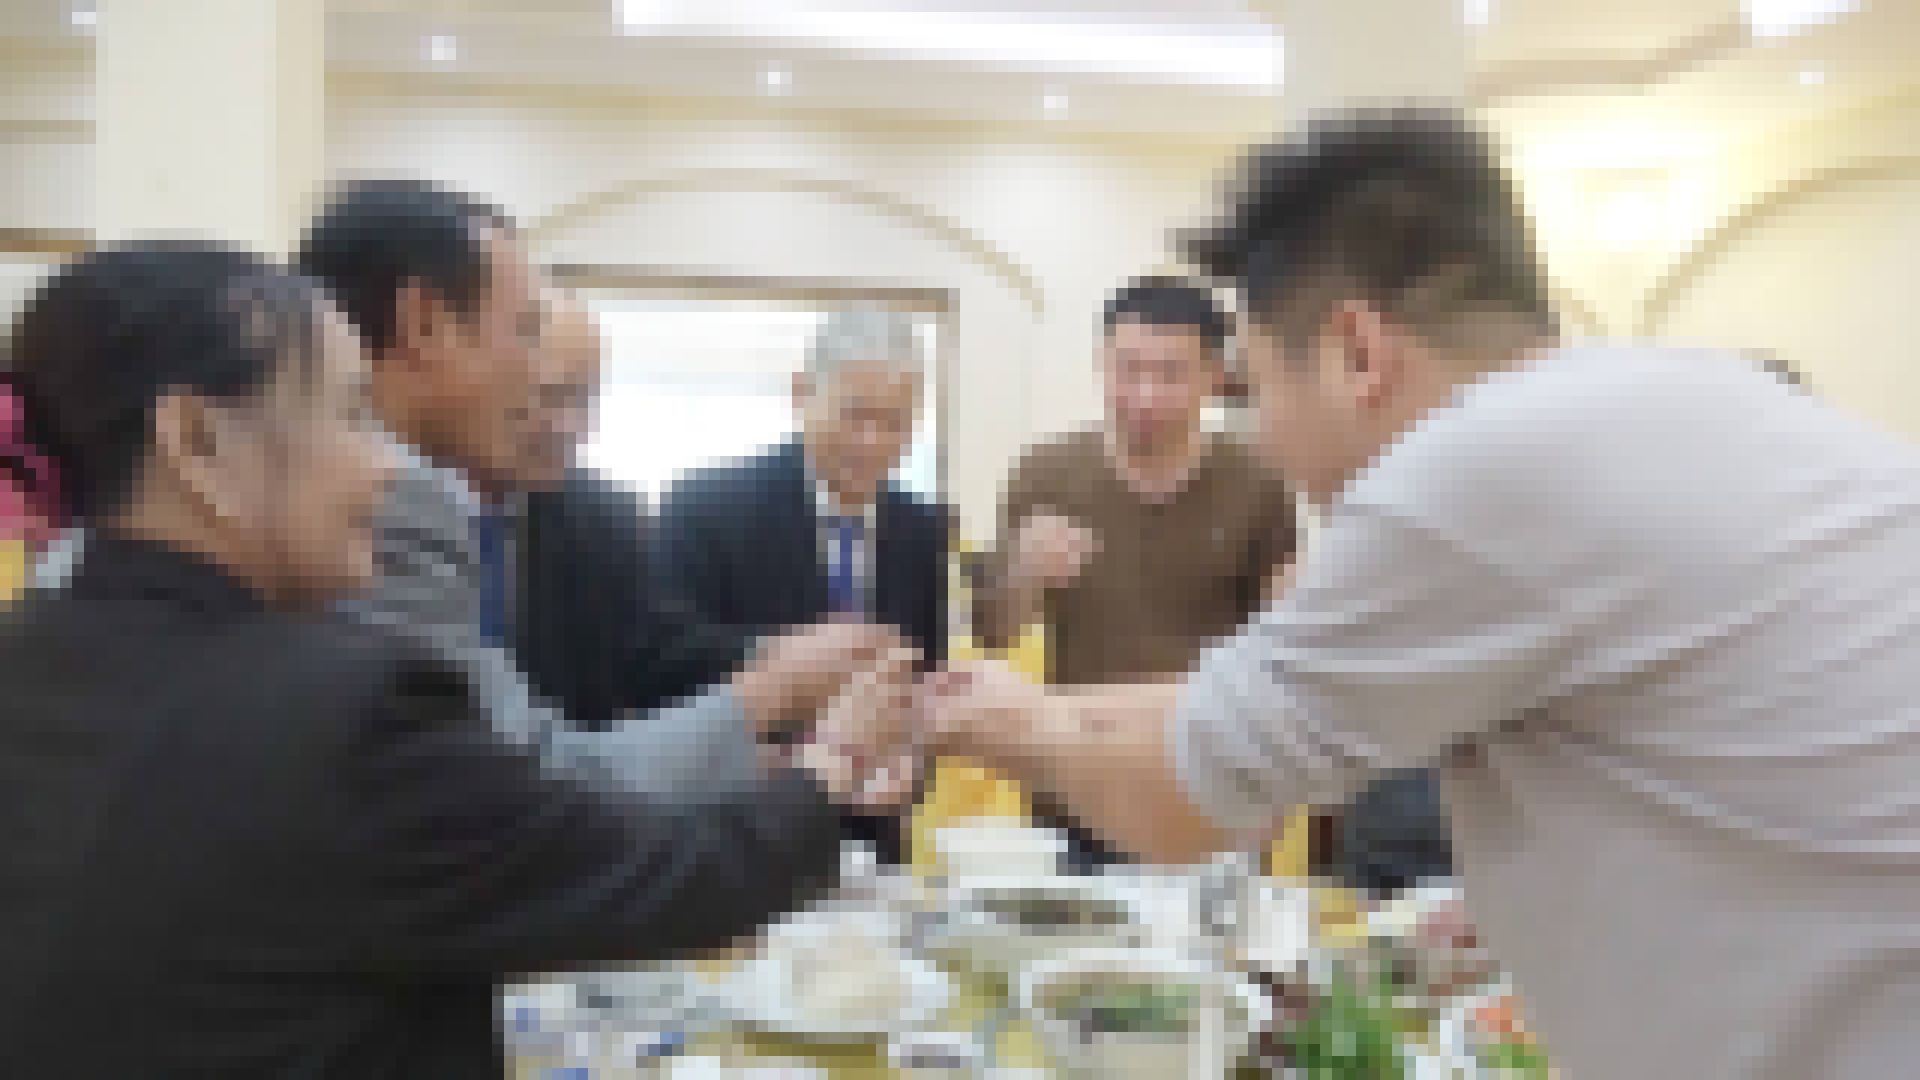 在越南结婚吃饭真热闹,好多人来清酒,把我们喝懵圈了